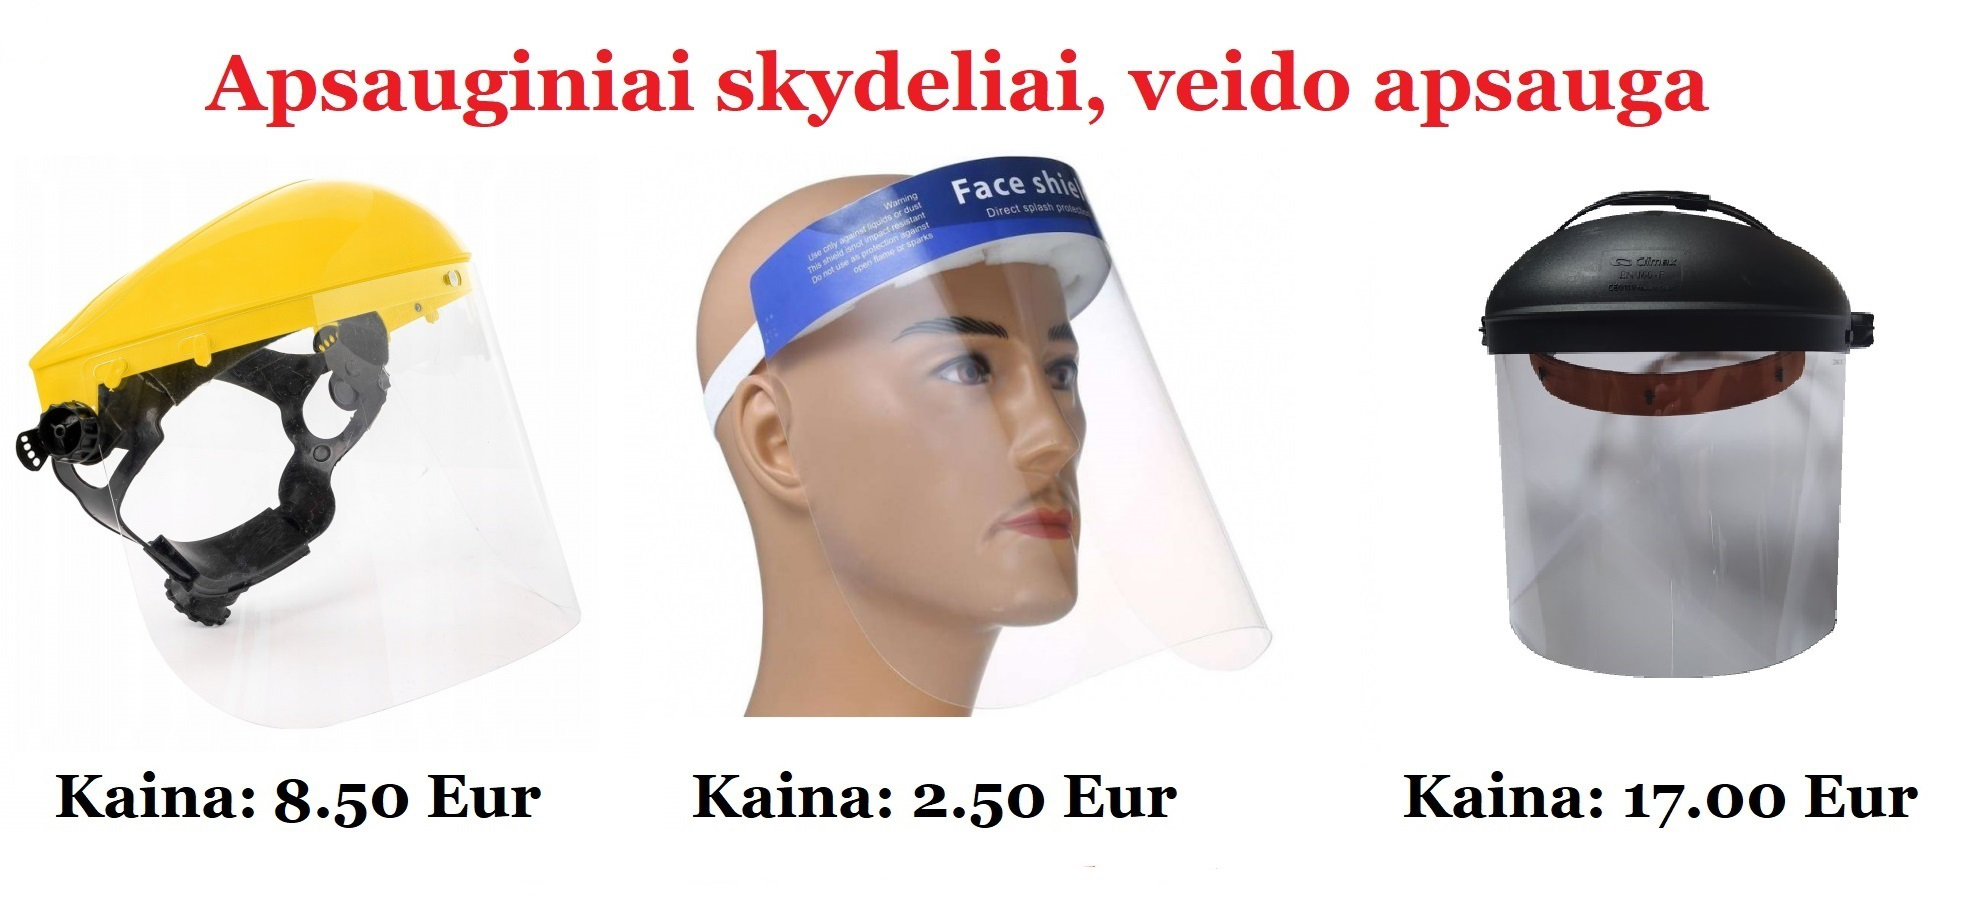 Veido apsauga, apsauginiai veido skydeliai